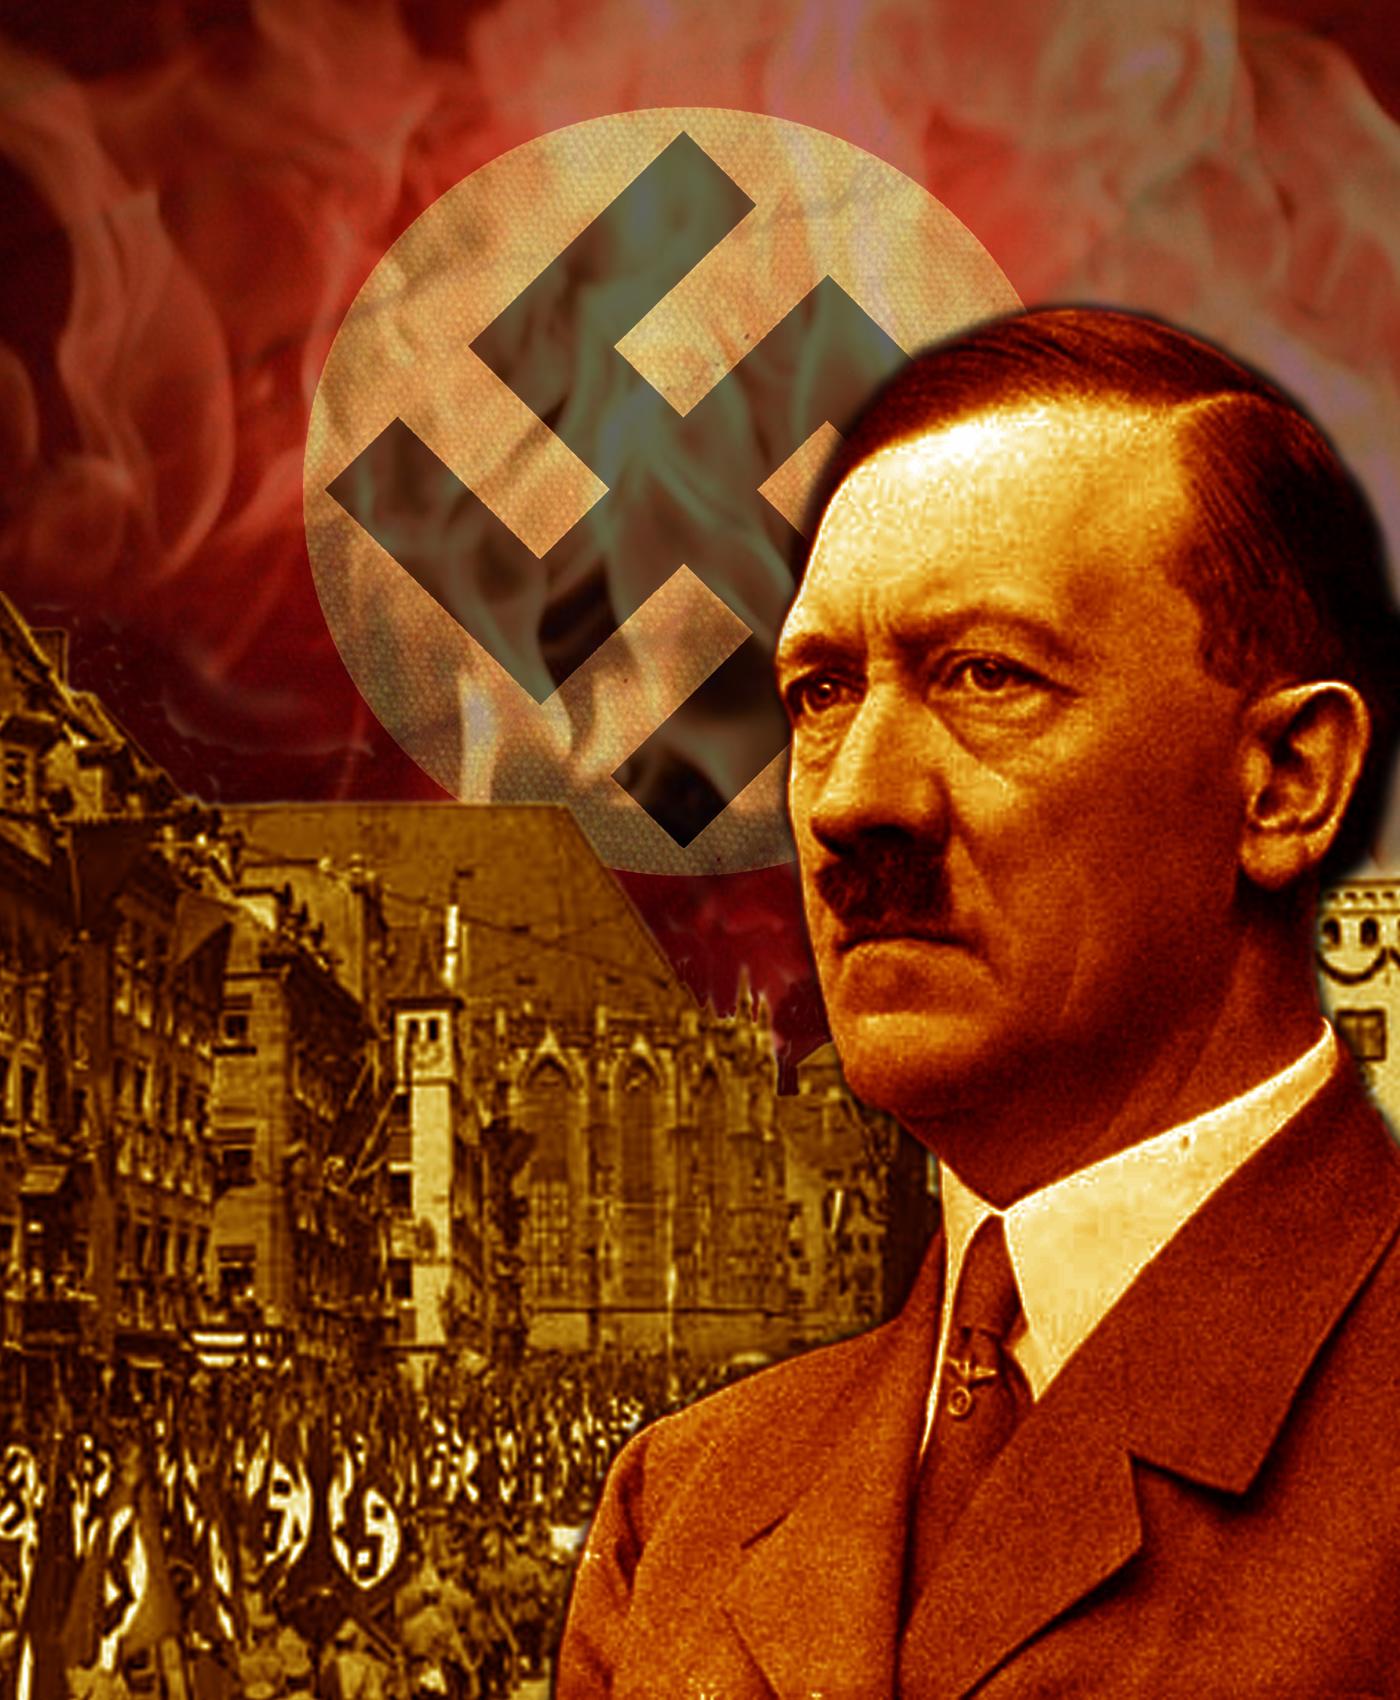 http://fc06.deviantart.com/fs36/f/2008/241/3/0/Hitler_by_Mister_Palmer.jpg